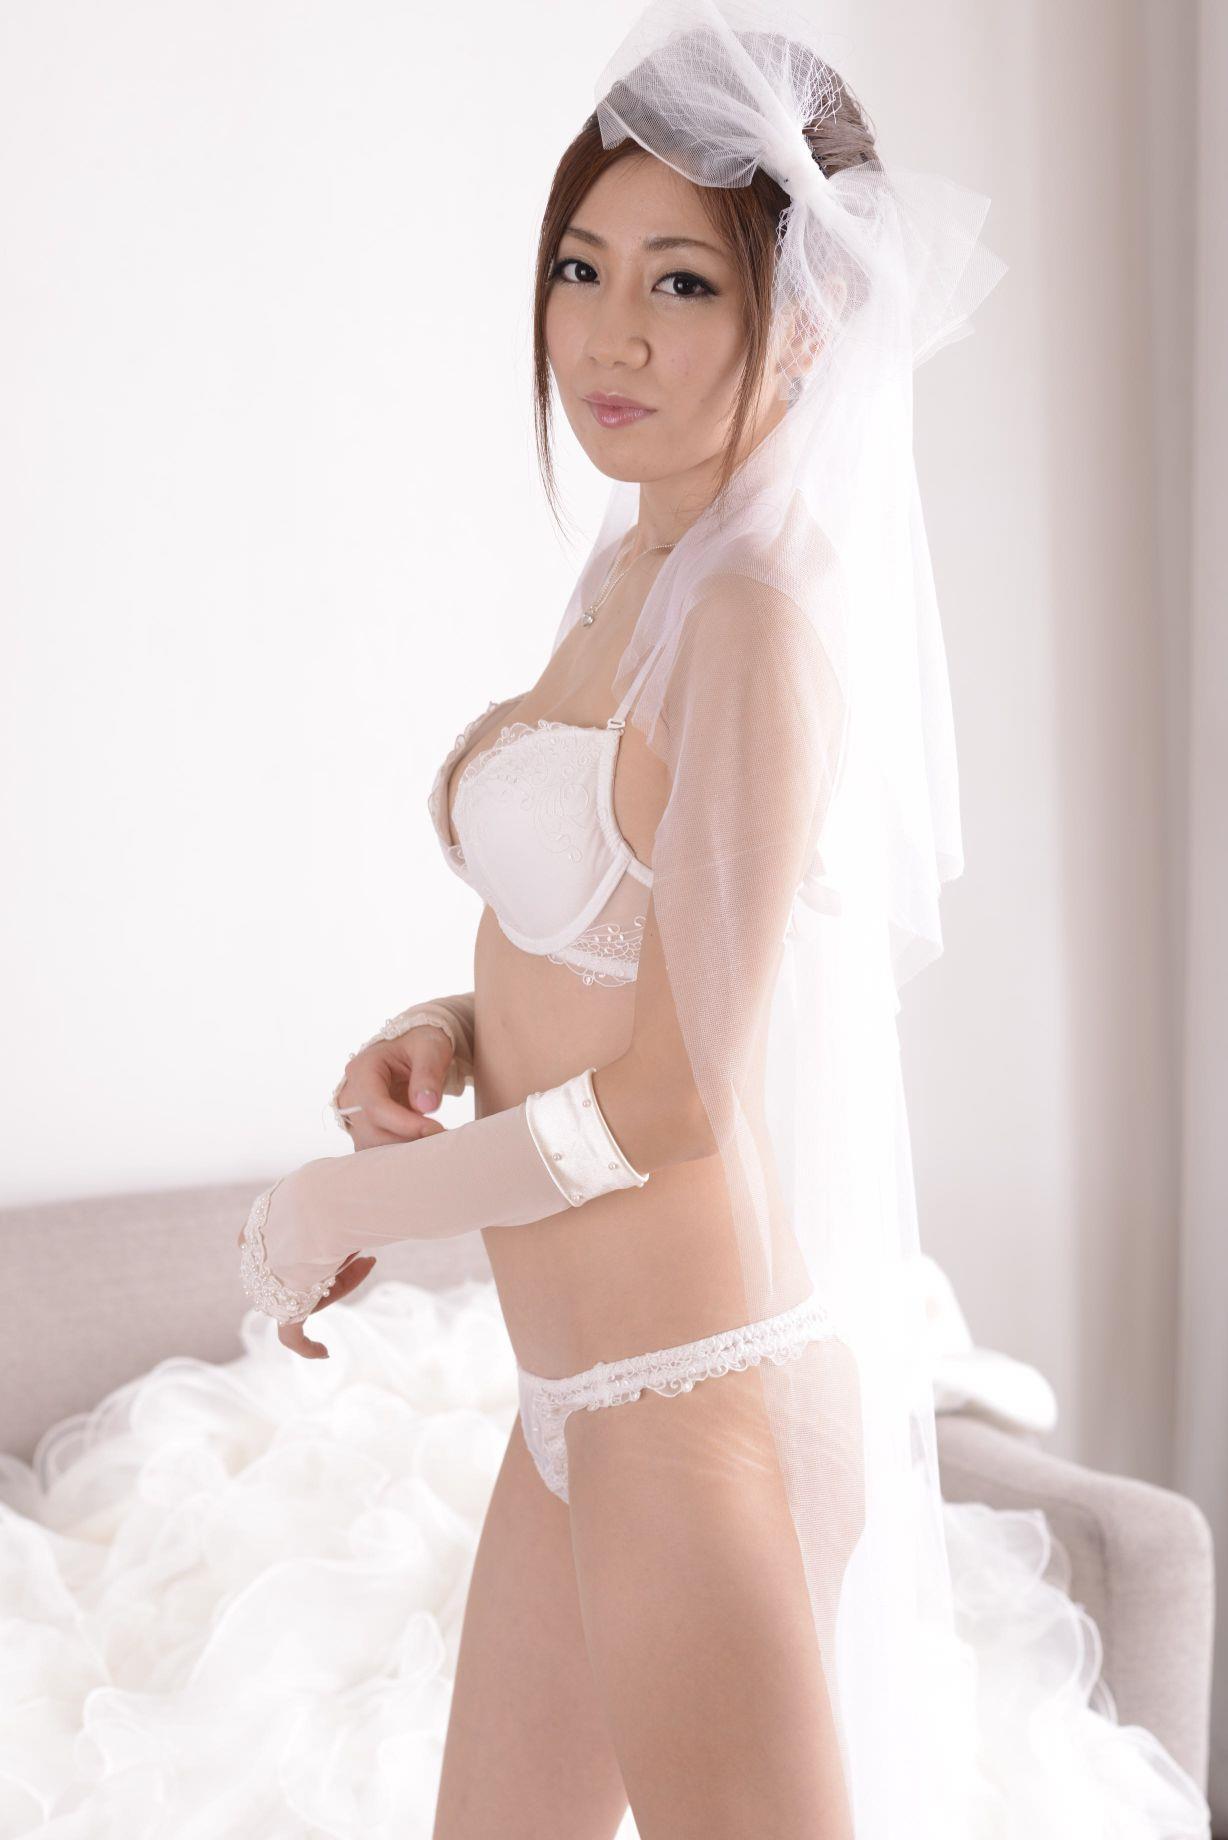 前田かおり ウェディングドレス画像 62